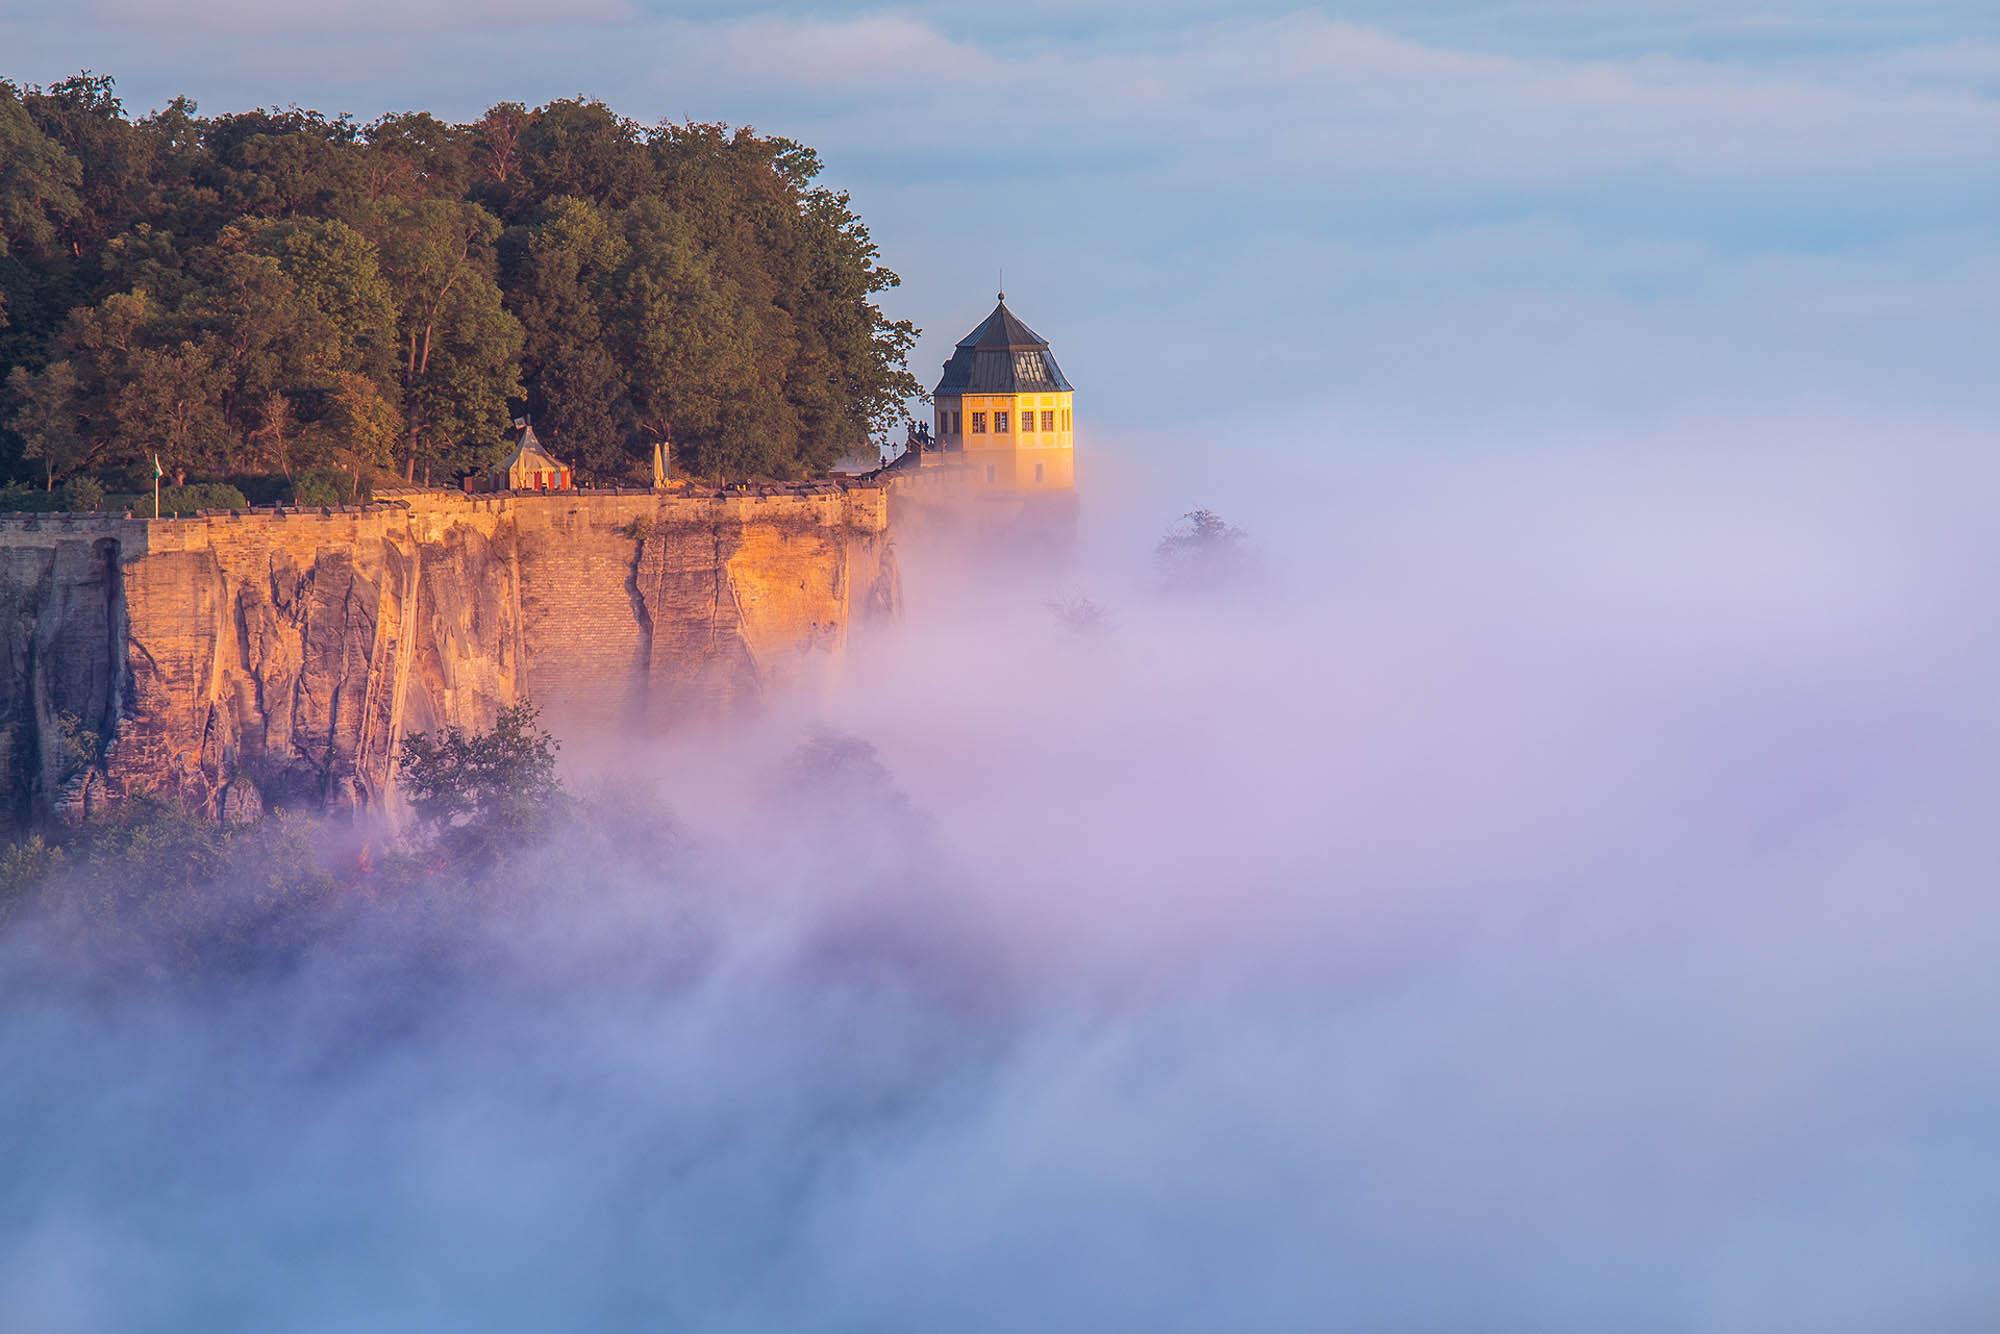 Landschaften aufgenommen mit dem 60-600mm von Robert Sommer © Robert Sommer